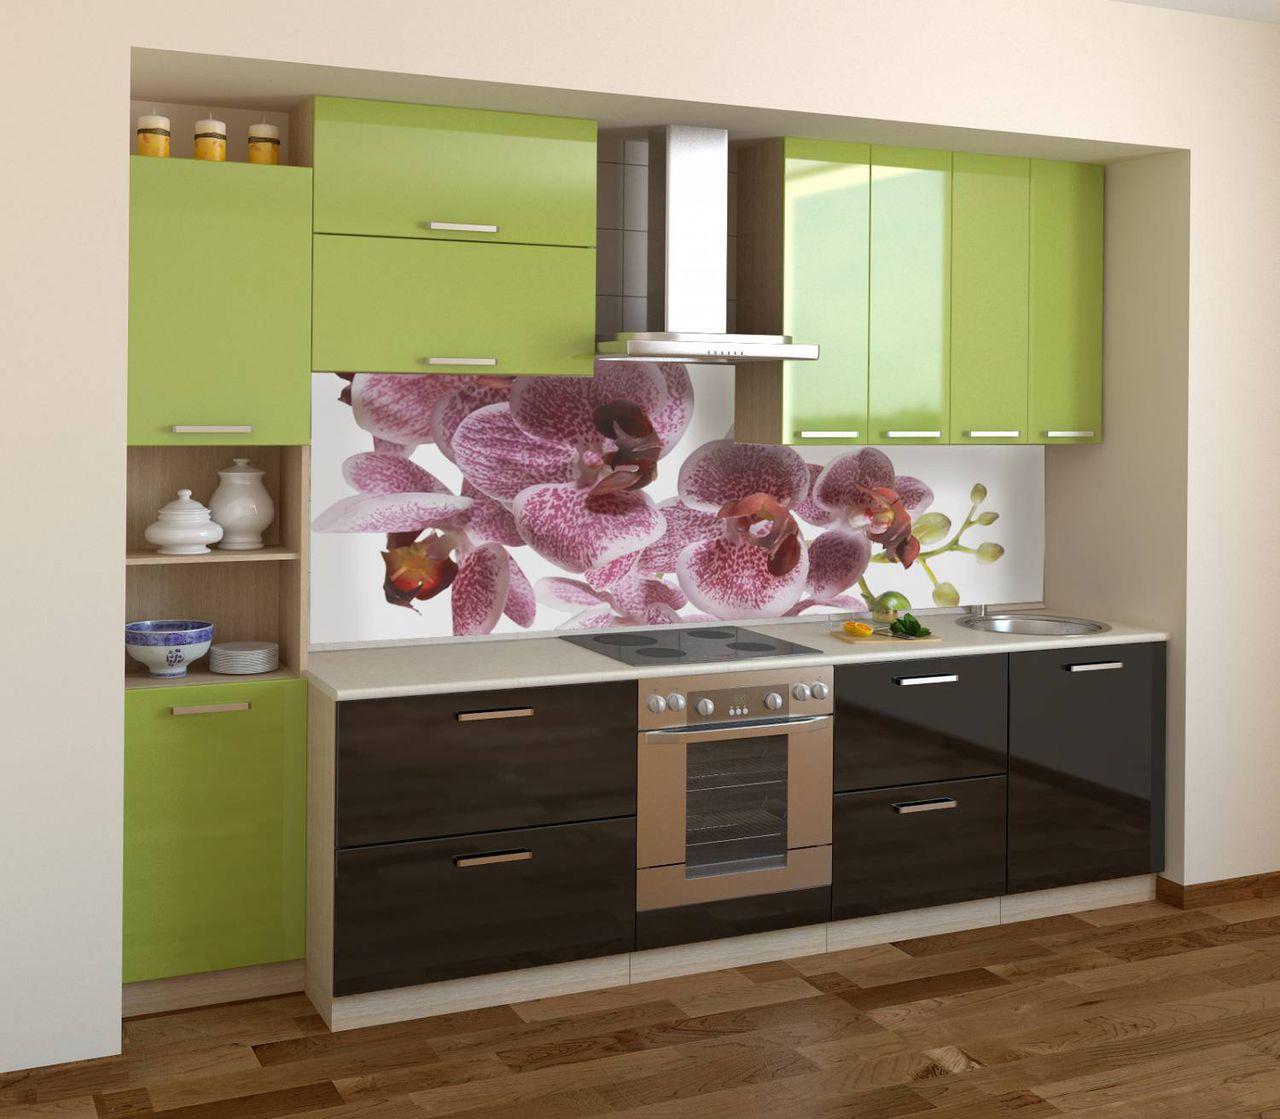 Каталог скинали для кухни скачать совет дизайнера как выбрать стеновую панель для кухни